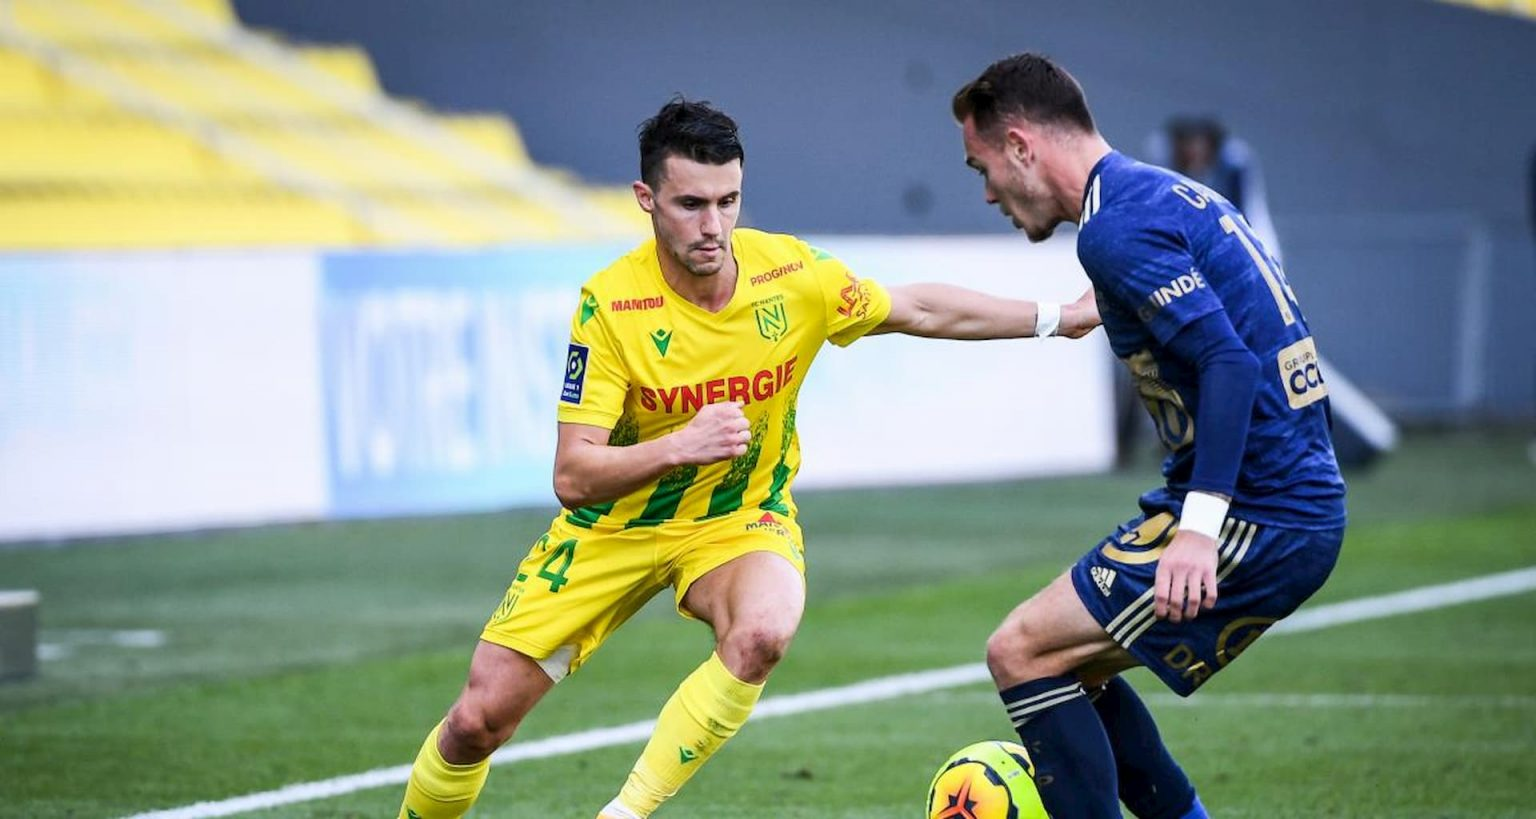 FC Nantes : Fréquence des fautes commises, les Canaris sur le podium ! 1